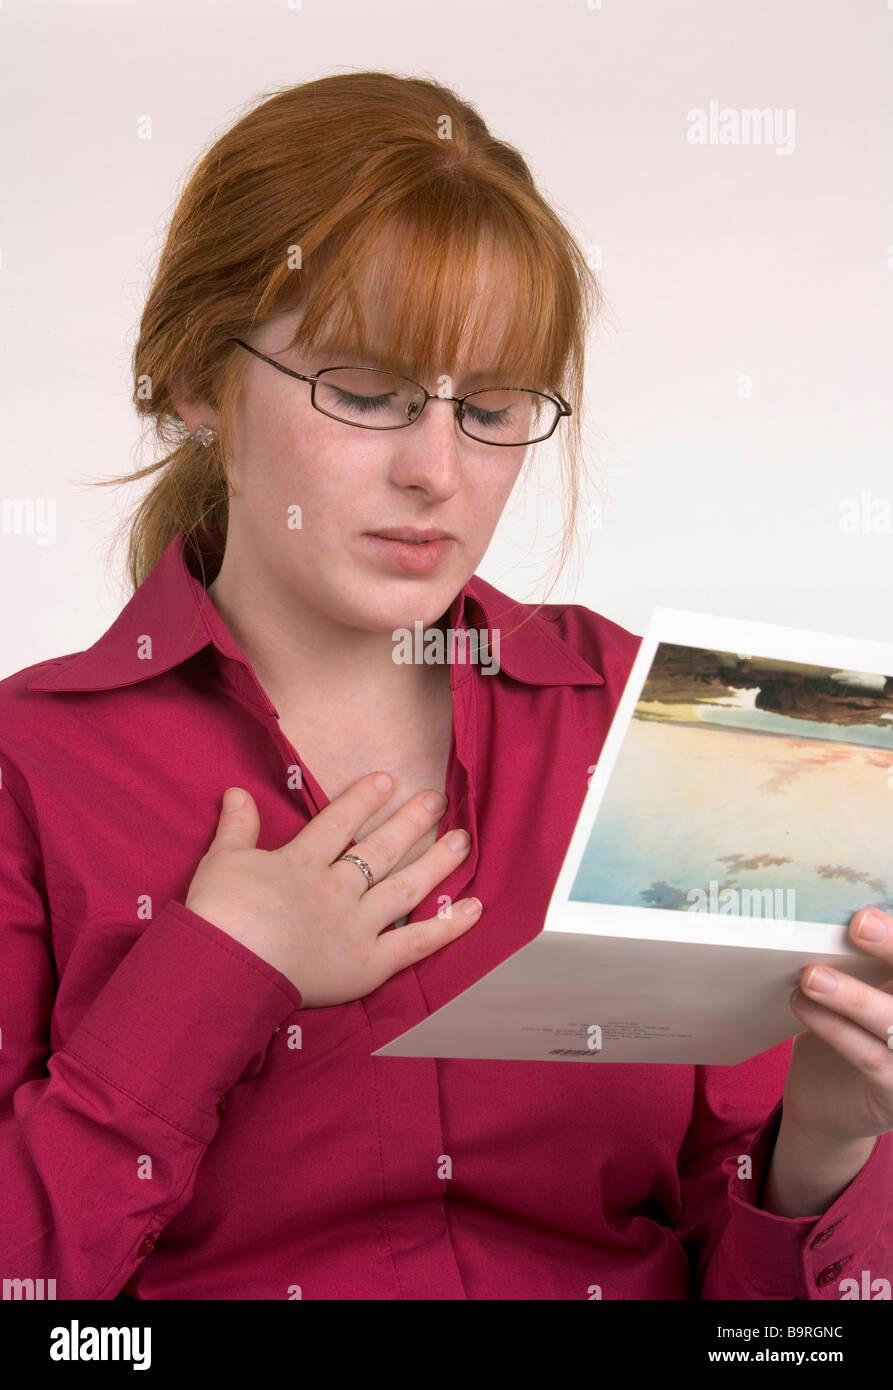 Eine Frau liest eine Karte, die einige Nachrichten übermittelt hat, die ihr traurig oder emotionale gemacht Stockbild